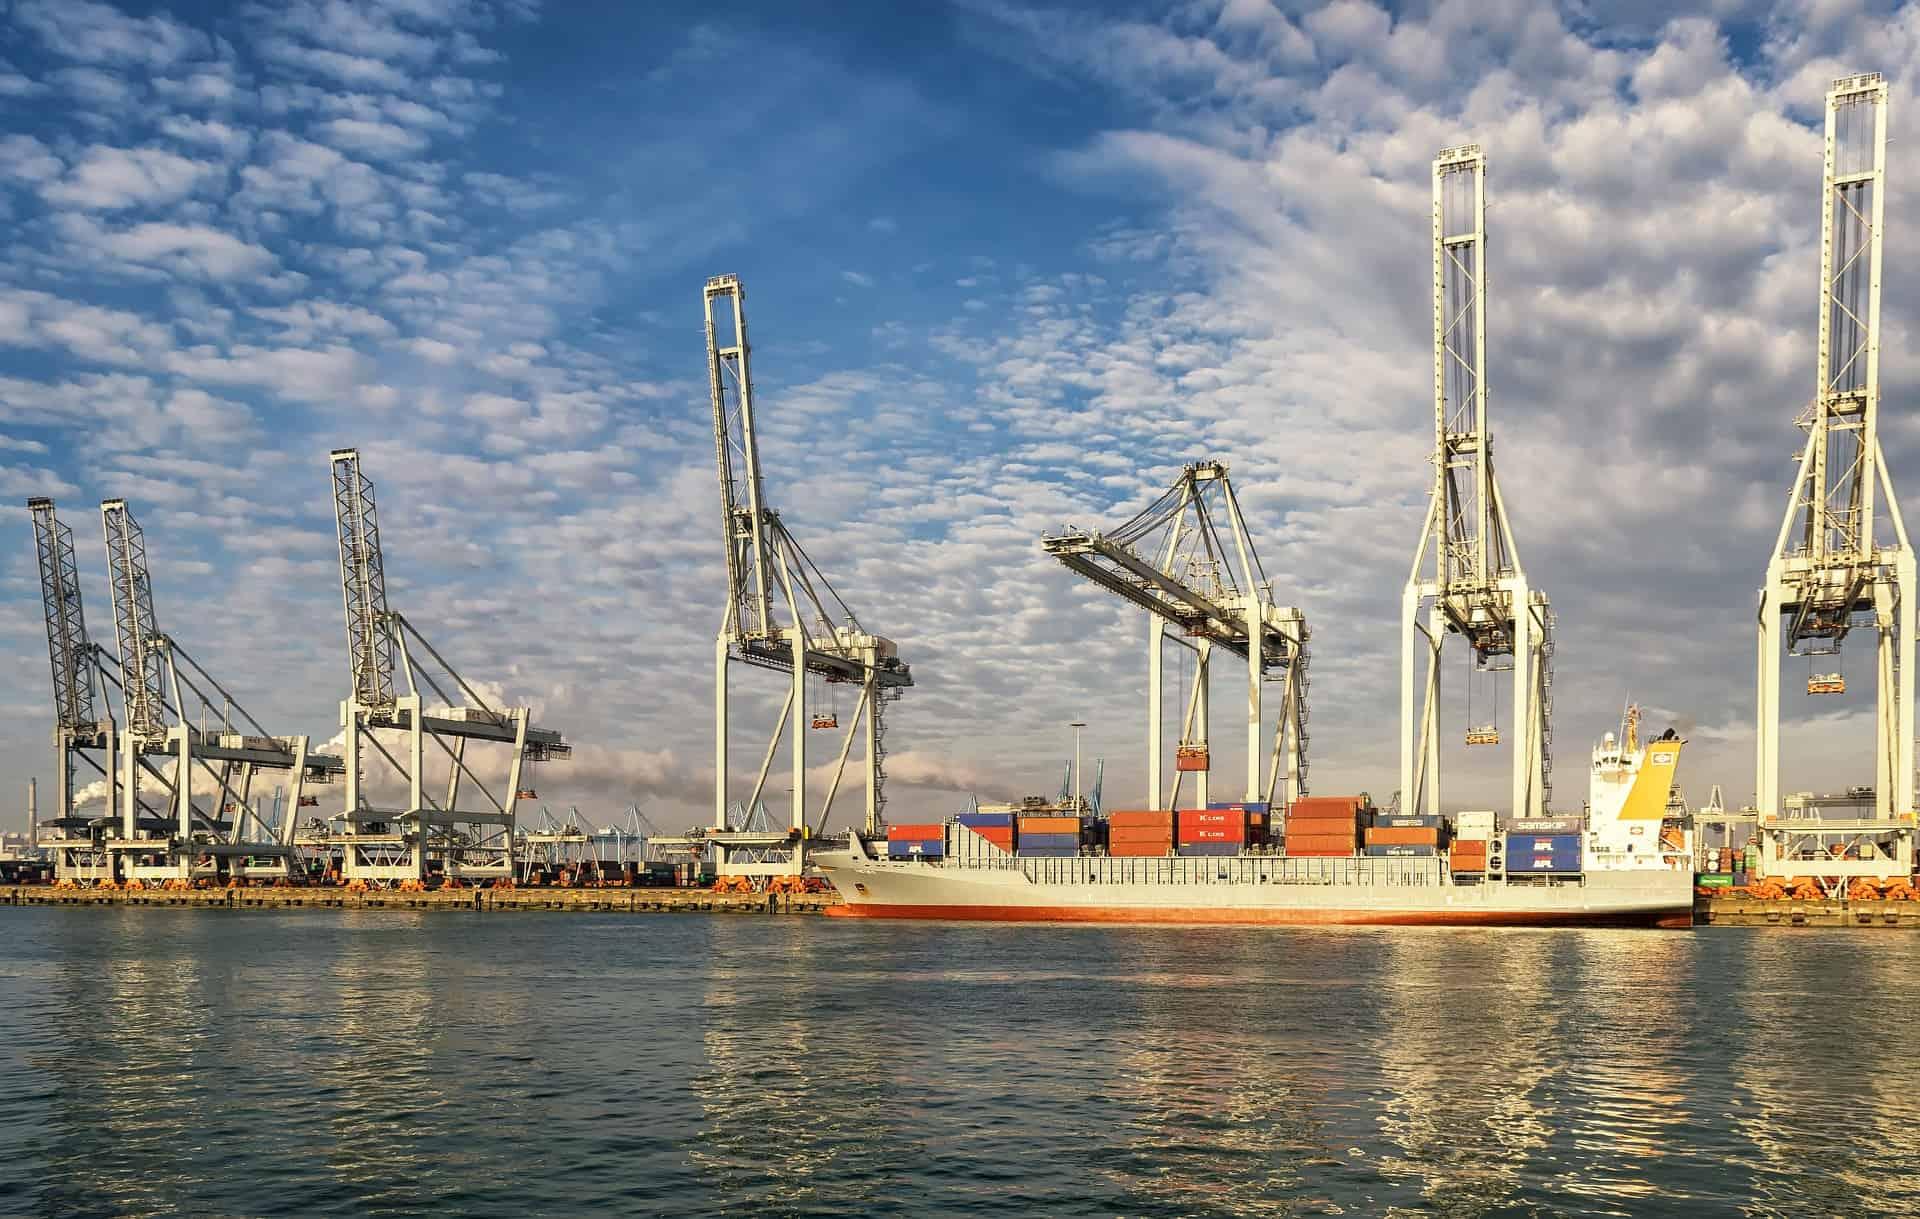 Convulsions de 2019-11-15-Megadrug a Rotterdam i canvis en el comerç mundial de cocaïna